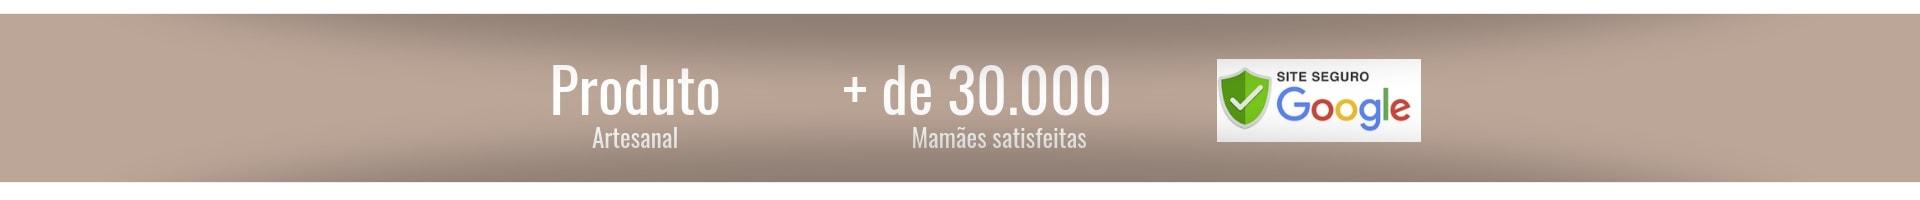 04 mais de 30k satisfeitas